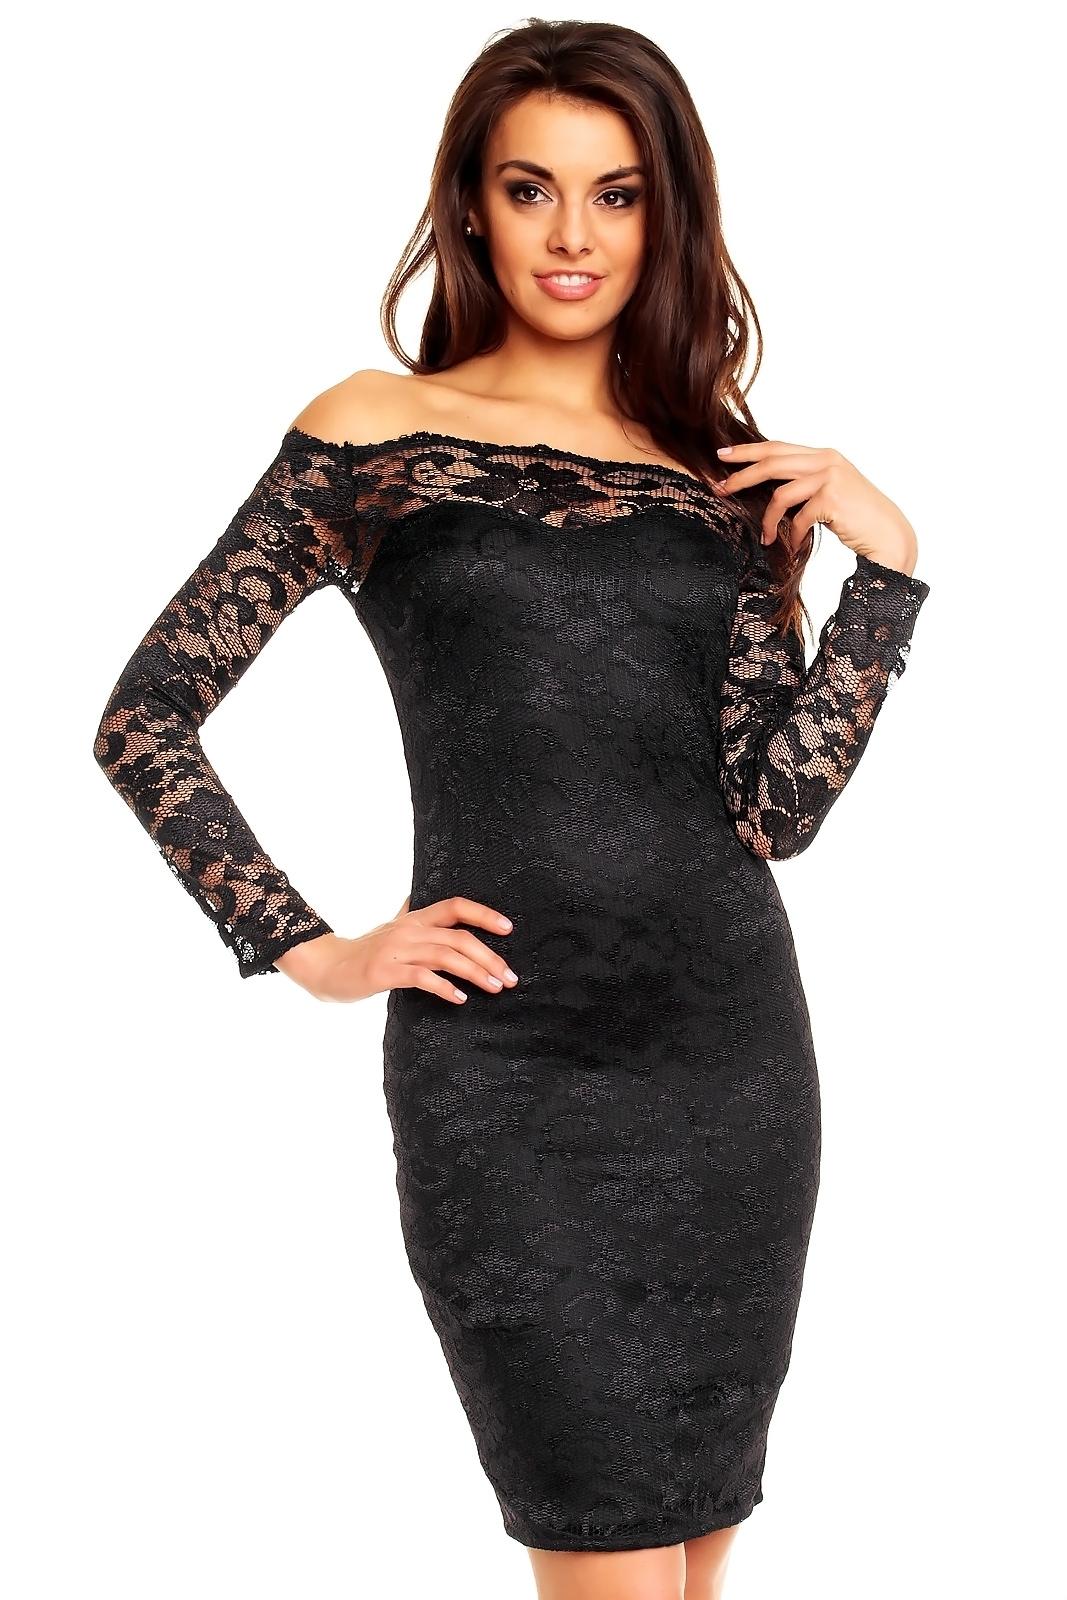 Dámské společenské šaty MAYAADI krajkové s dlouhým rukávem krátké černé. 1 b9f1cccf59d